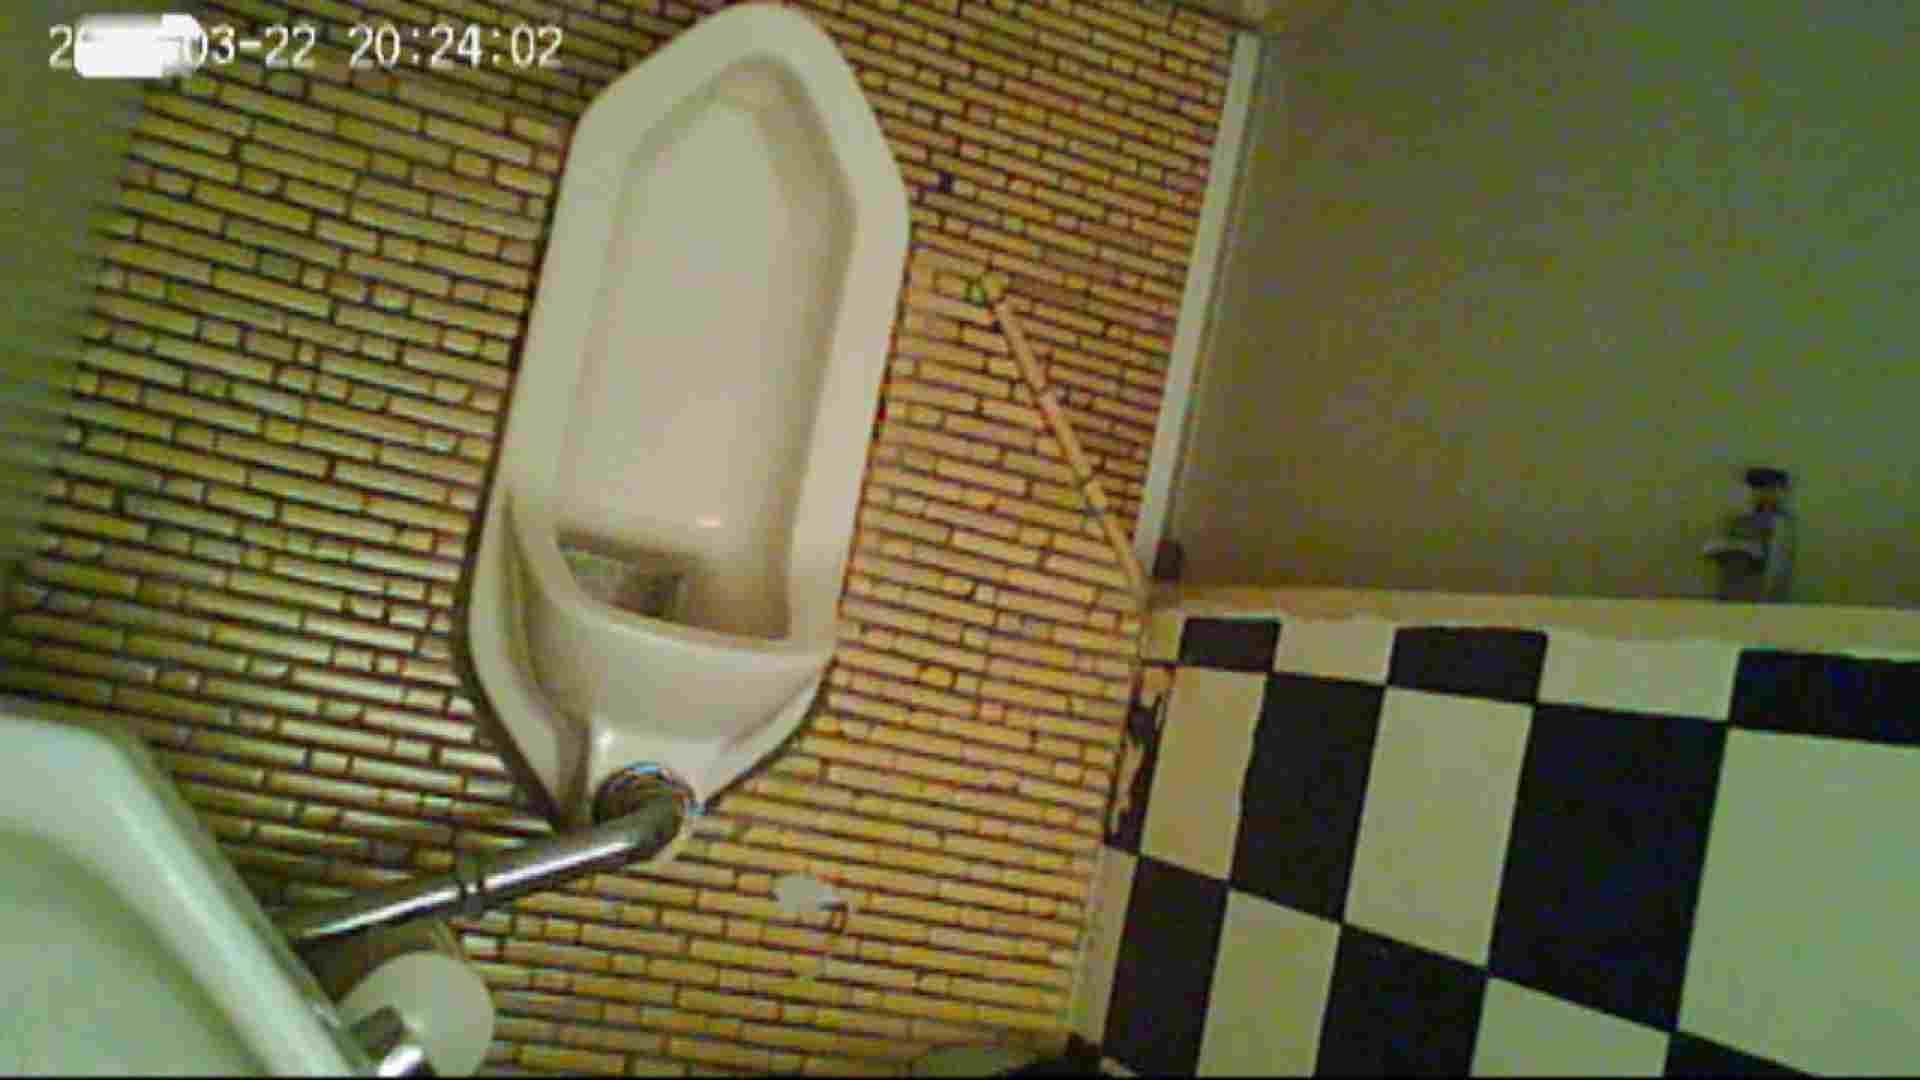 和式トイレの喫茶店店主マロンさんのコレクションvol.4 盗撮 すけべAV動画紹介 85枚 22